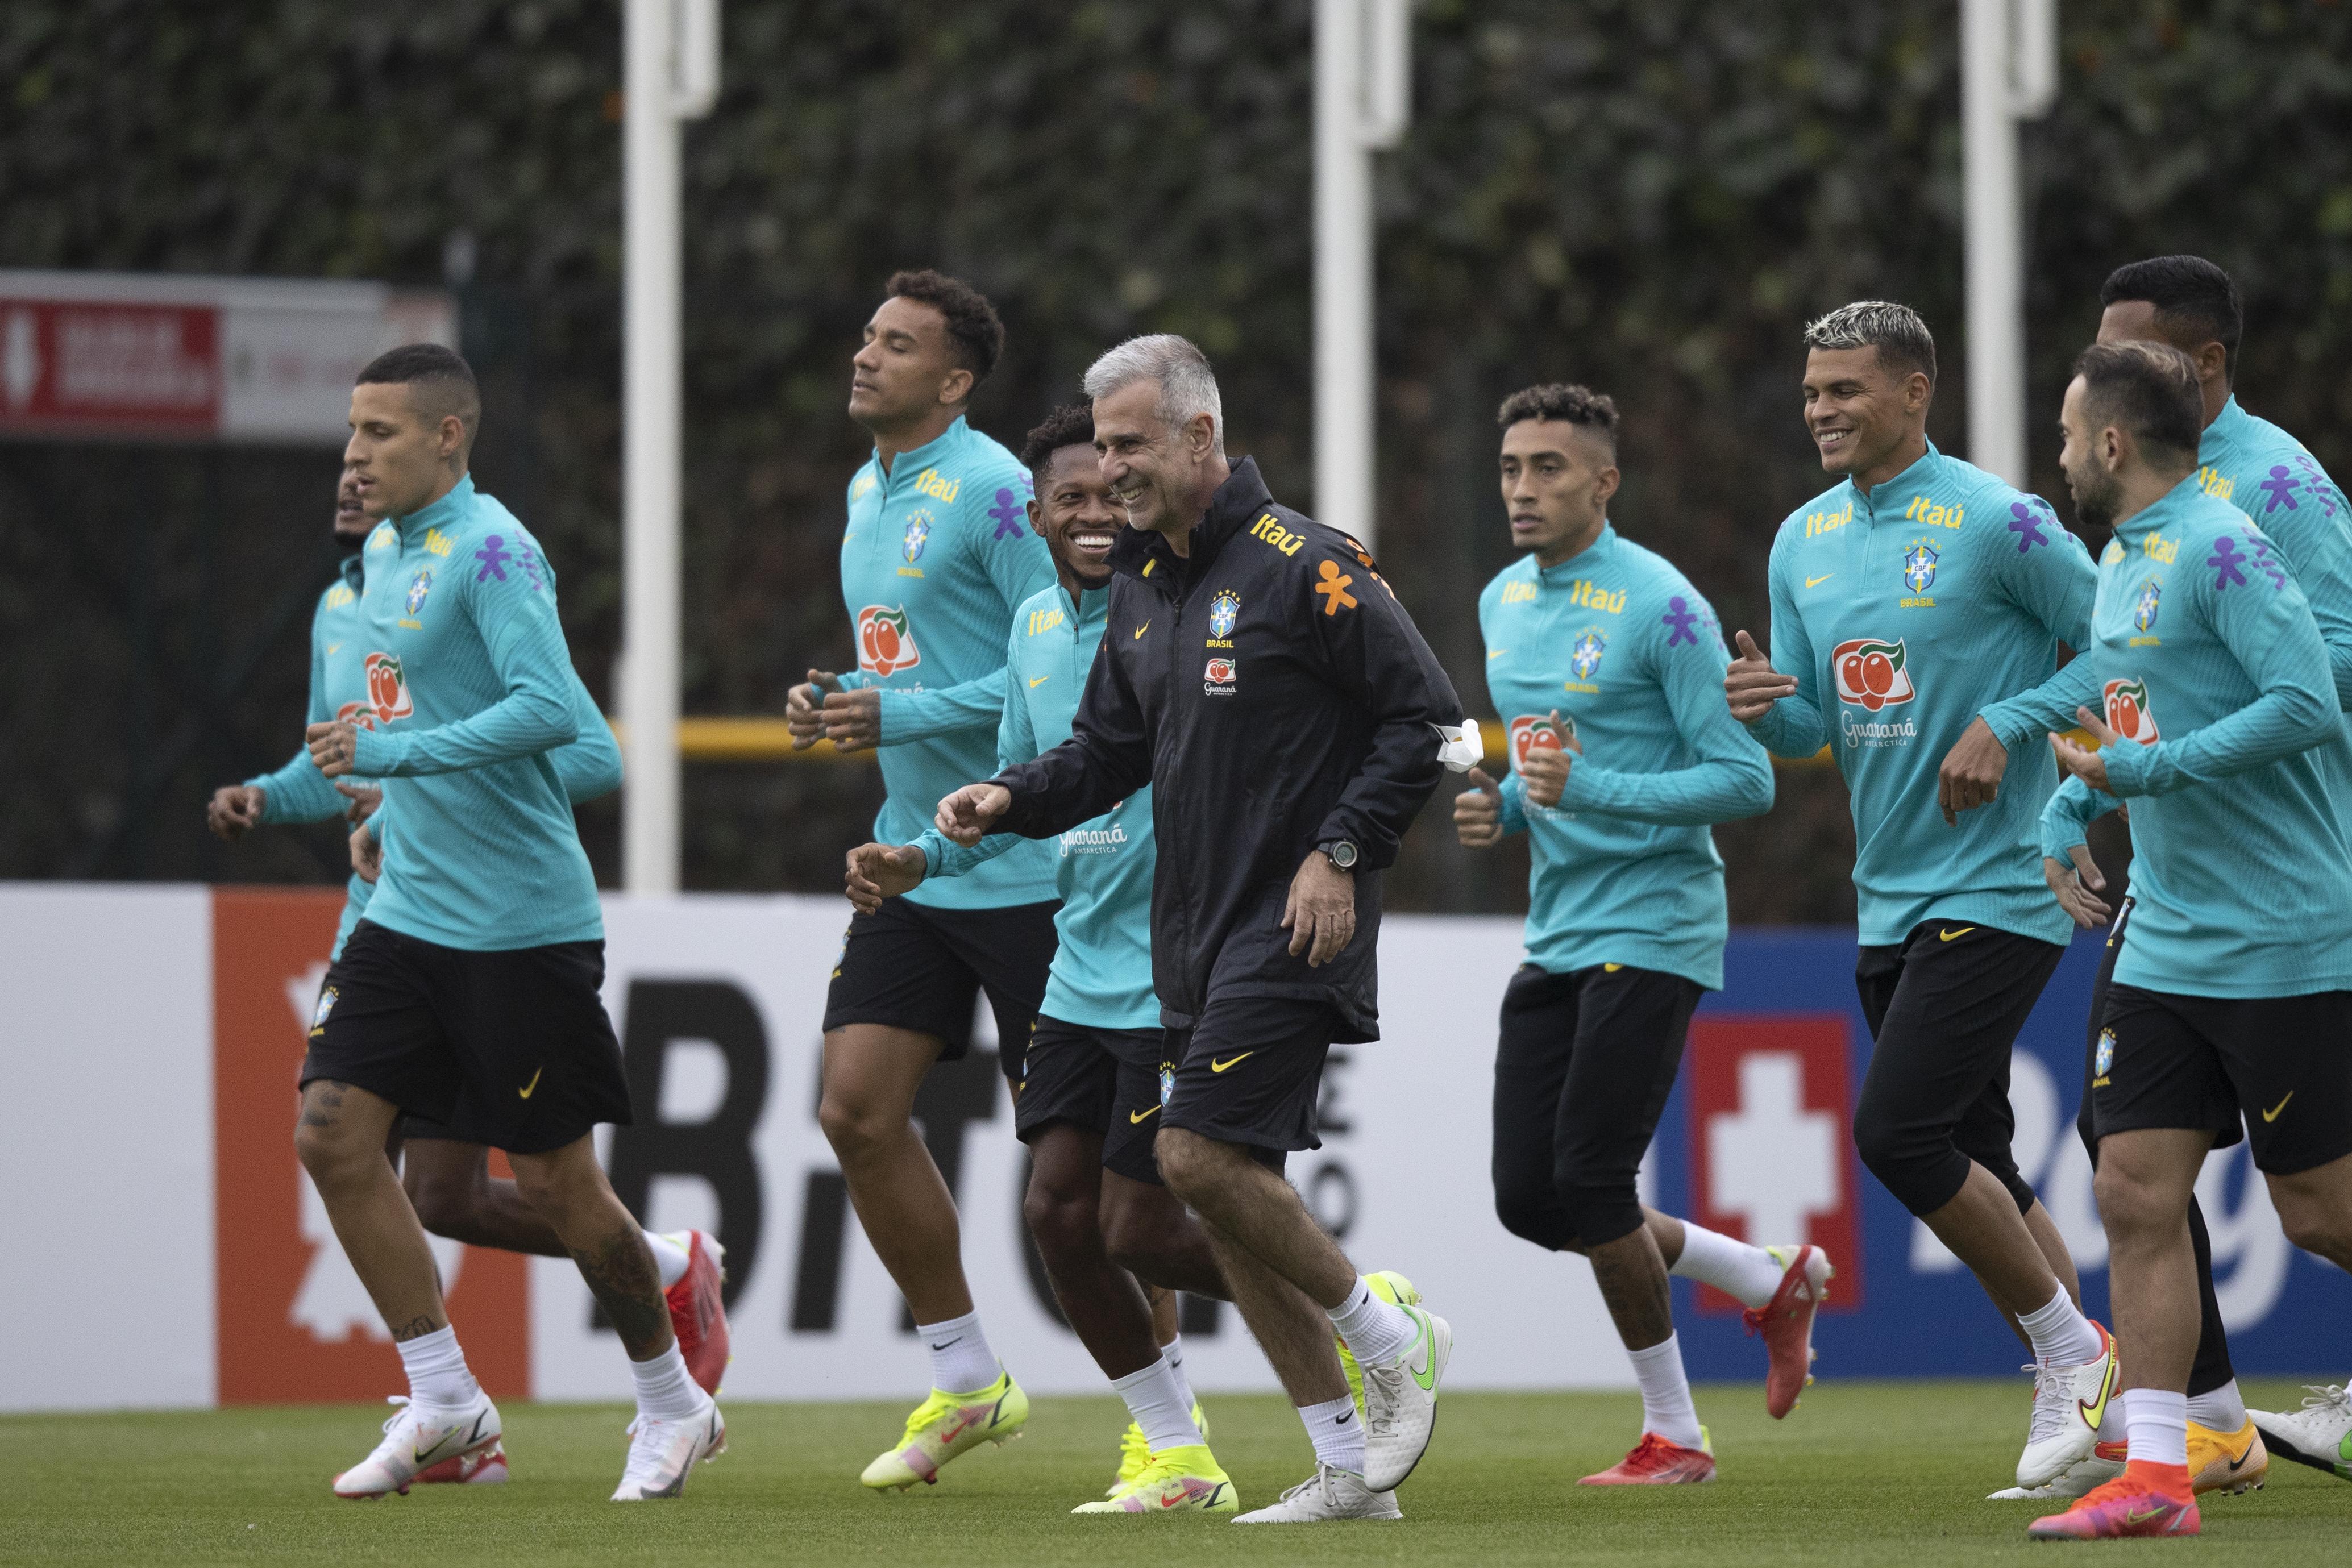 Eliminatórias: seleção realiza 2º treino para jogo contra Venezuela